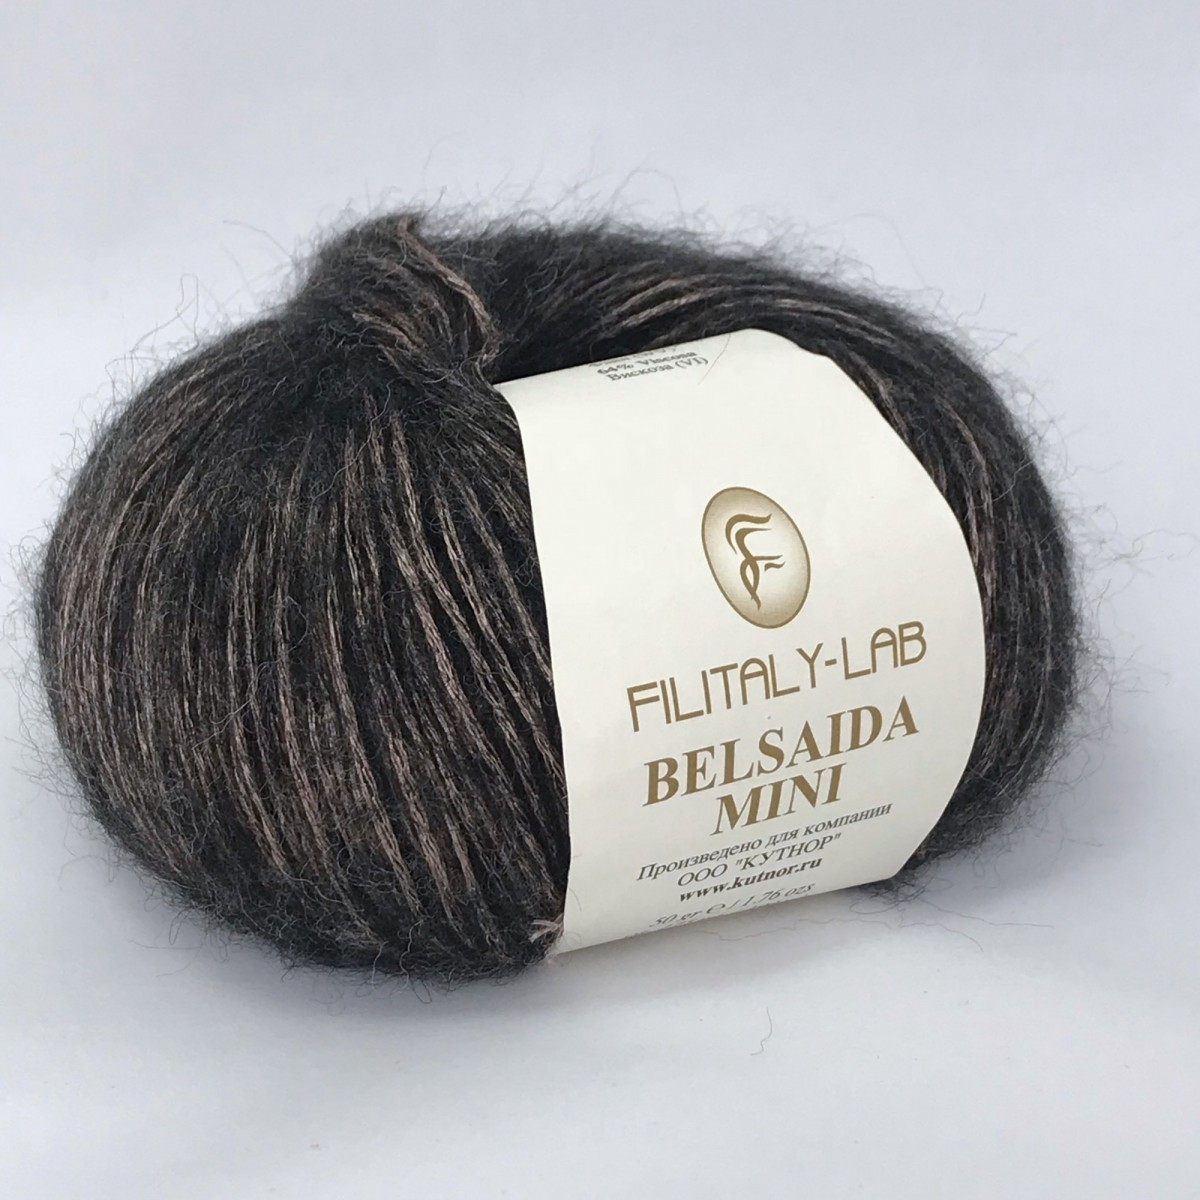 Пряжа Белсаида мини (Belsaida mini)